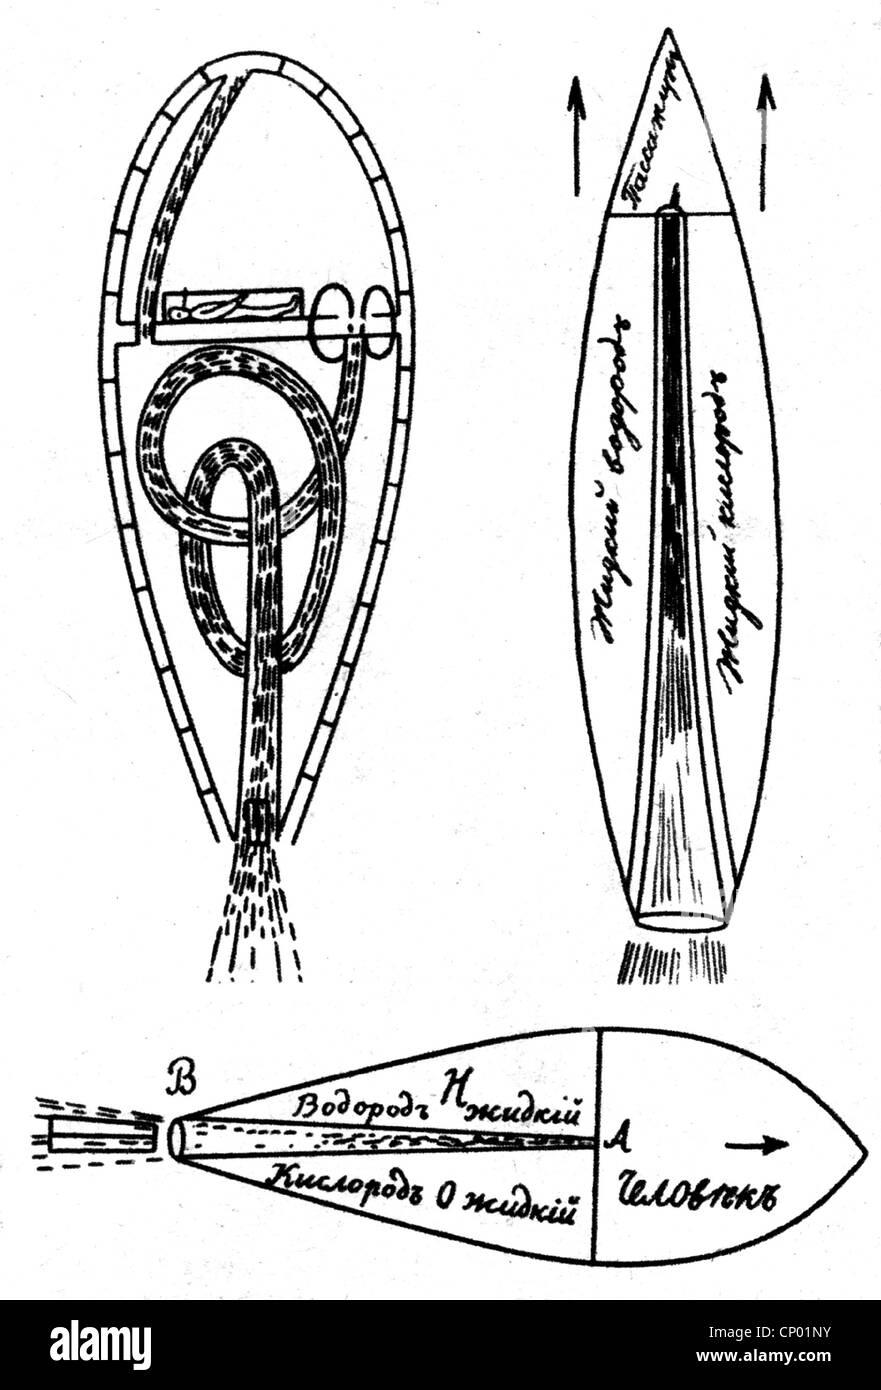 Tsiolkovskii, Konstantin Eduardovich, 17.9.1857 - 19.9.1935, fisico russo, matematico, la nozione di un razzo alimentato Immagini Stock